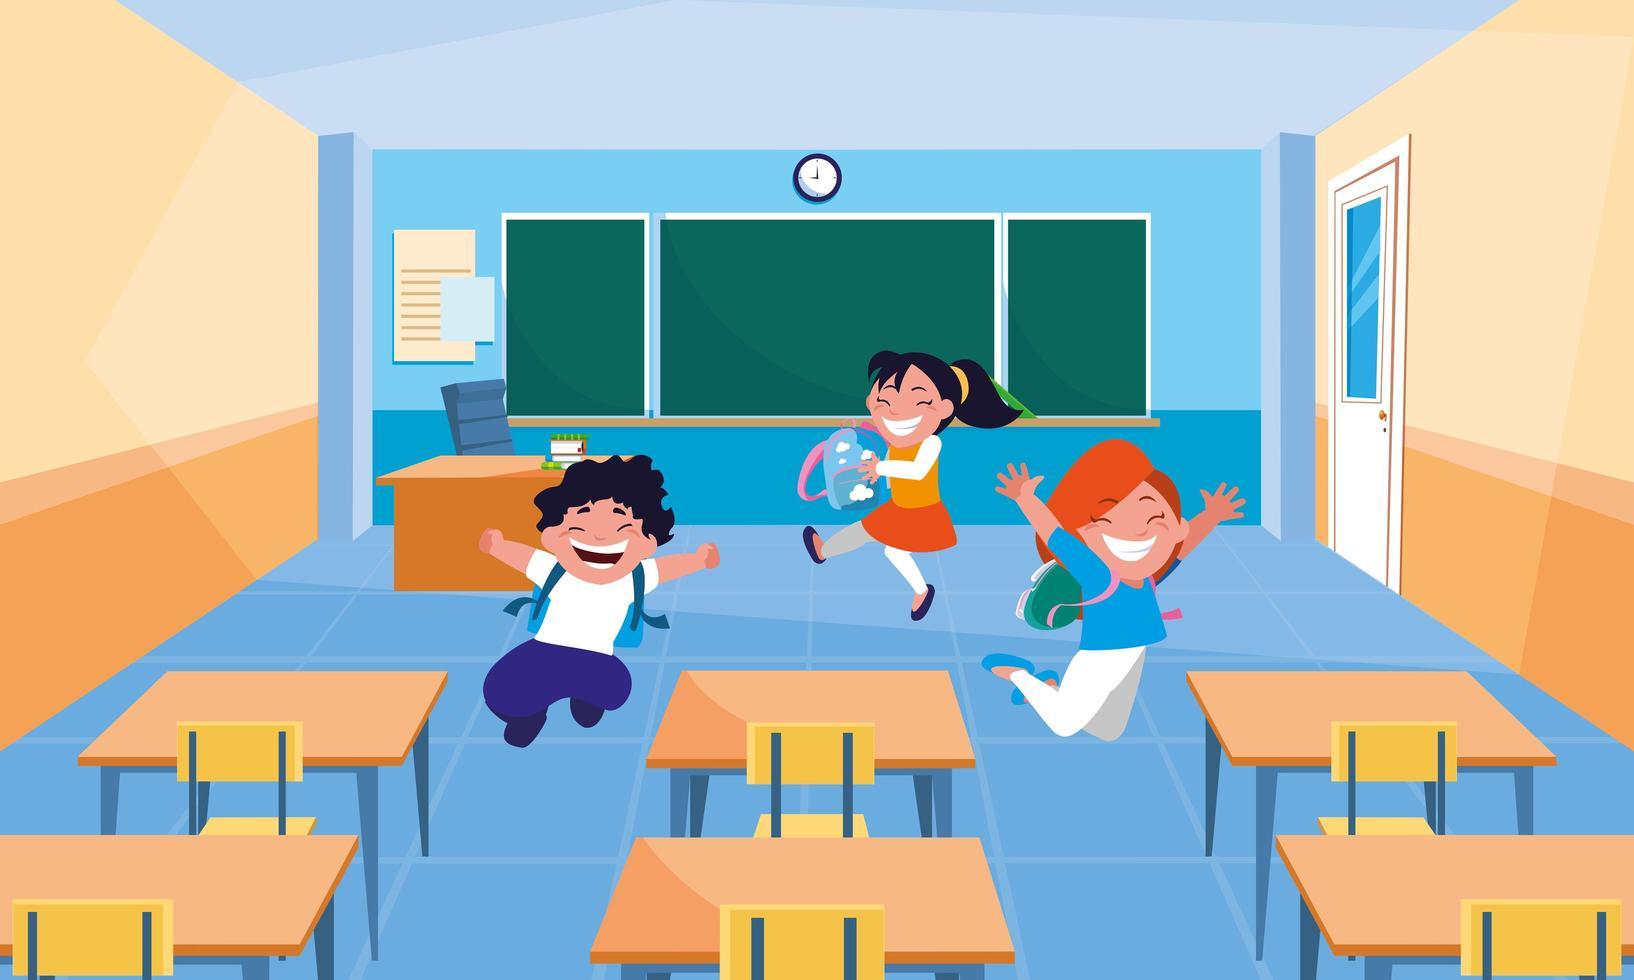 kleine studentenkinderen in de klas vector